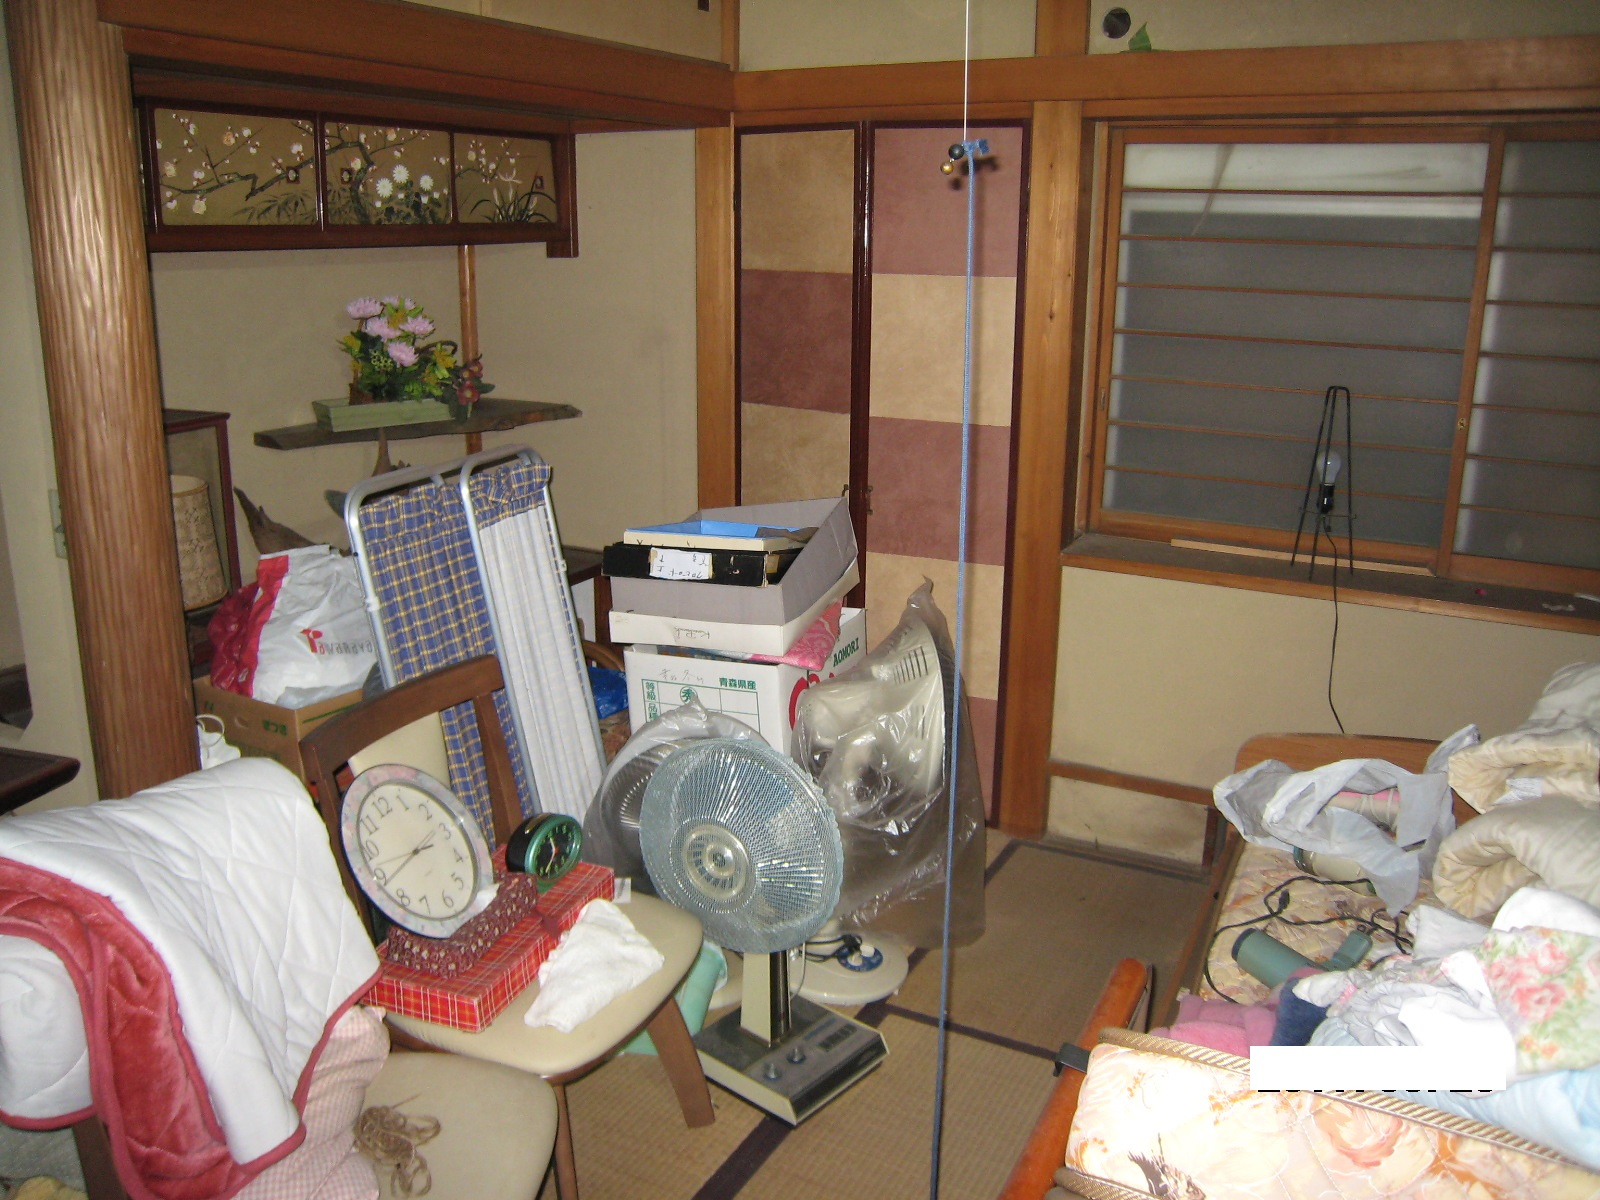 東日本大震災を契機に放置された物件のご相談